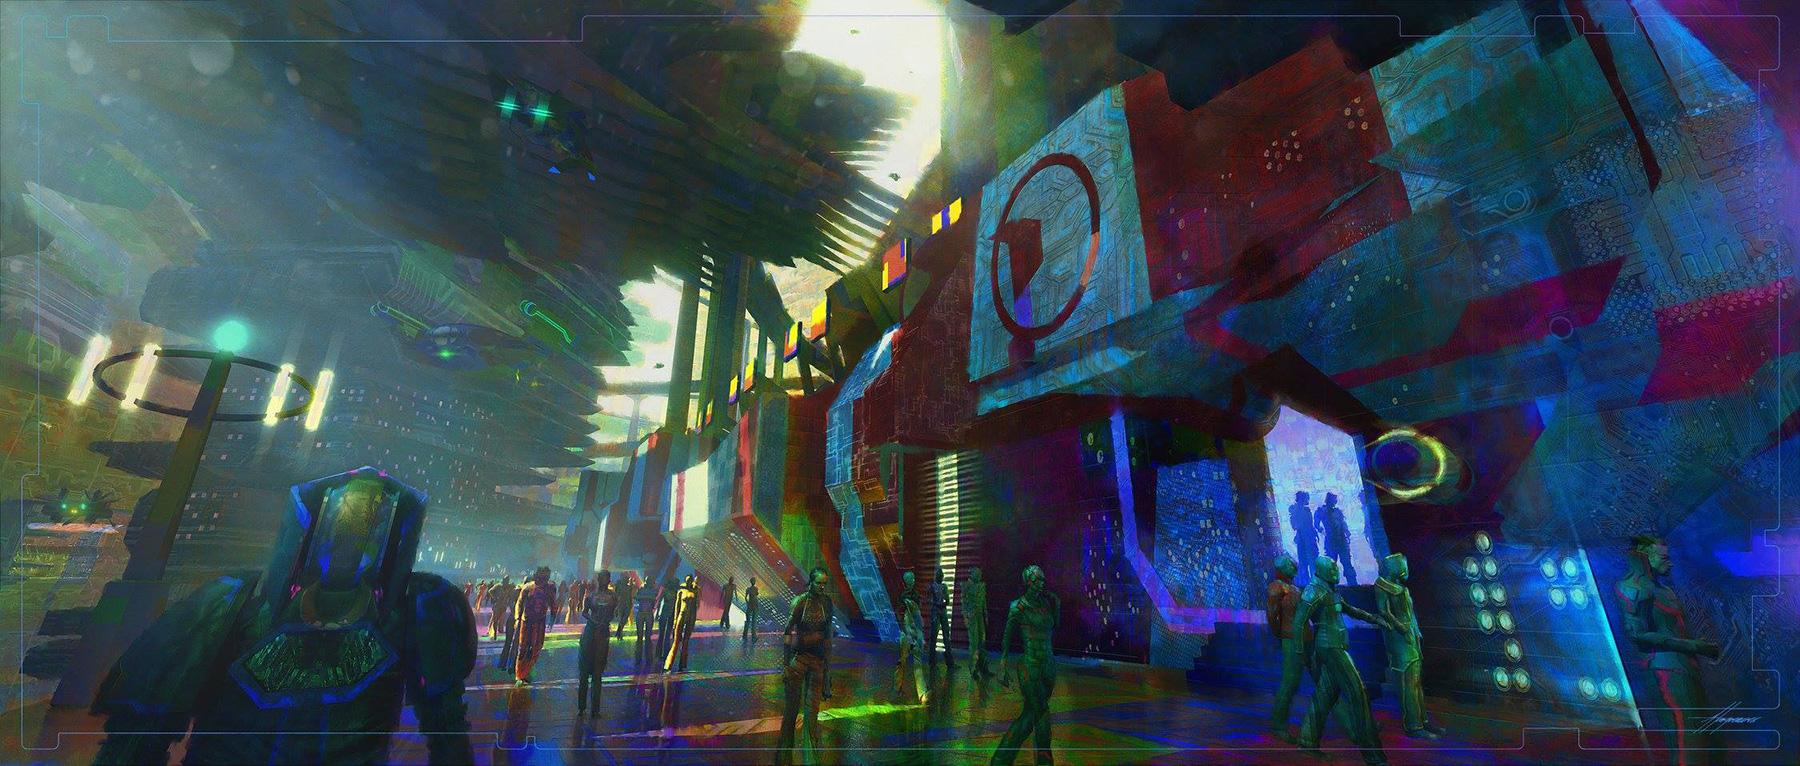 「雷神索爾3:諸神黃昏」中的場景是靠一張張精彩設計稿的堆疊,才能呈現最後讓人讚嘆的世界觀。